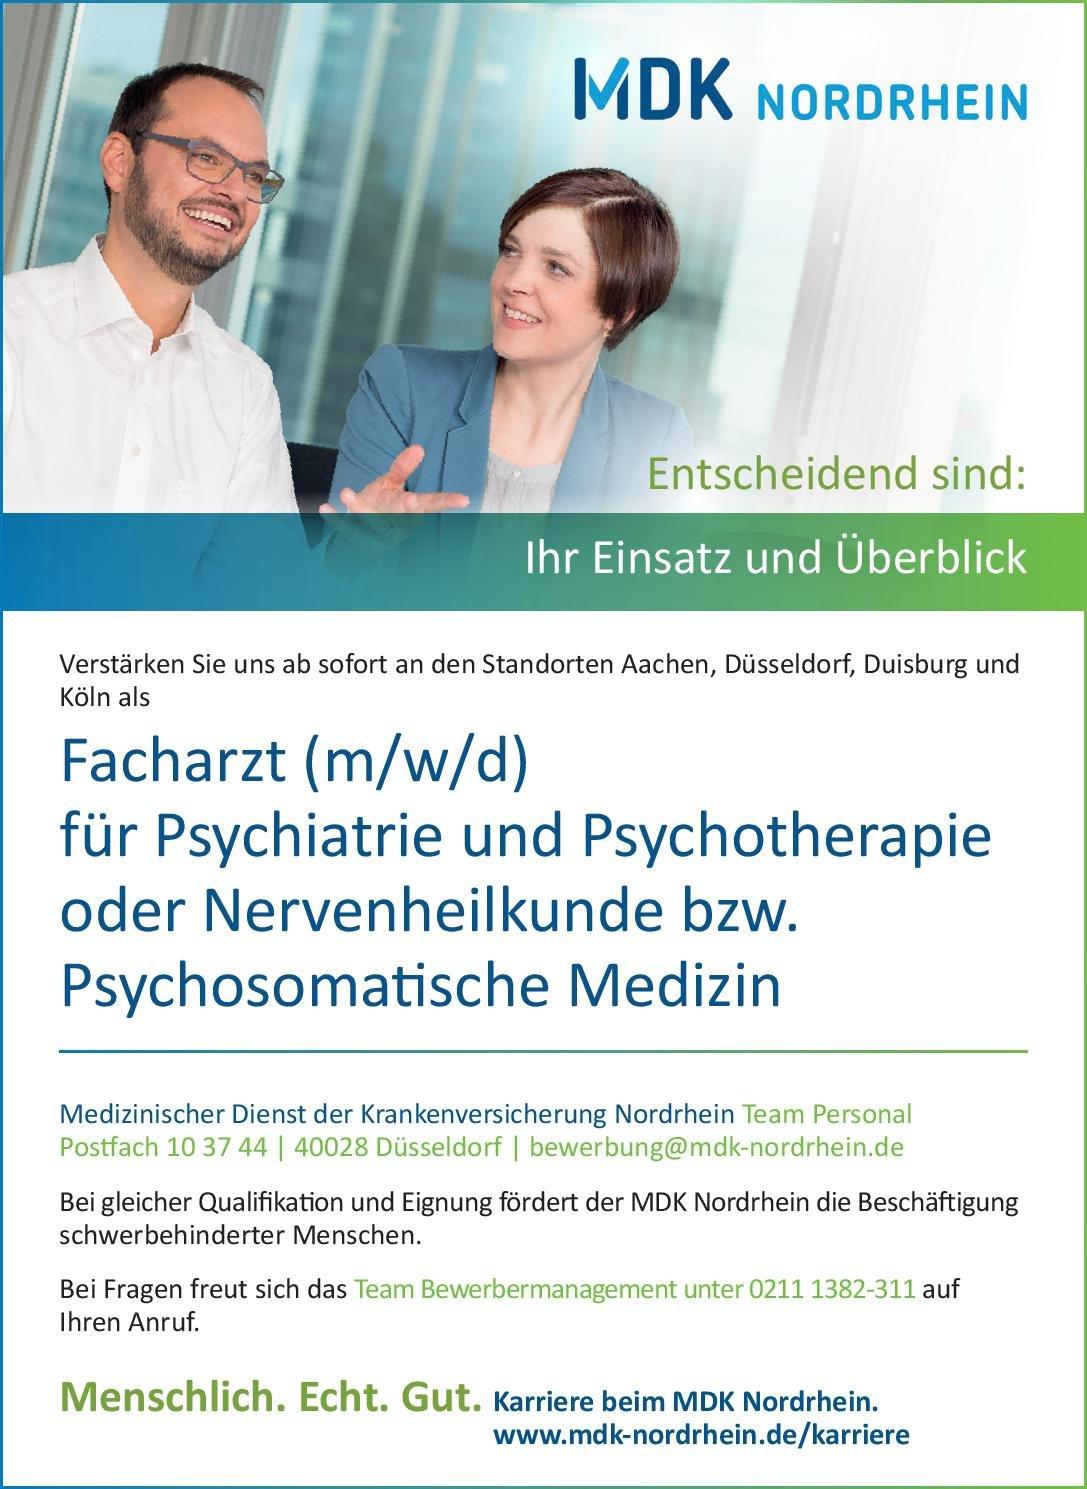 MDK Medizinischer Dienst der Krankenversicherung Nordrhein Facharzt (m/w/d) für Psychiatrie und Psychotherapie oder Nervenheilkunde bzw. Psychosomatische Medizin  Psychiatrie und Psychotherapie, Psychiatrie und Psychotherapie, Psychosomatische Medizin und Psychotherapie Arzt / Facharzt